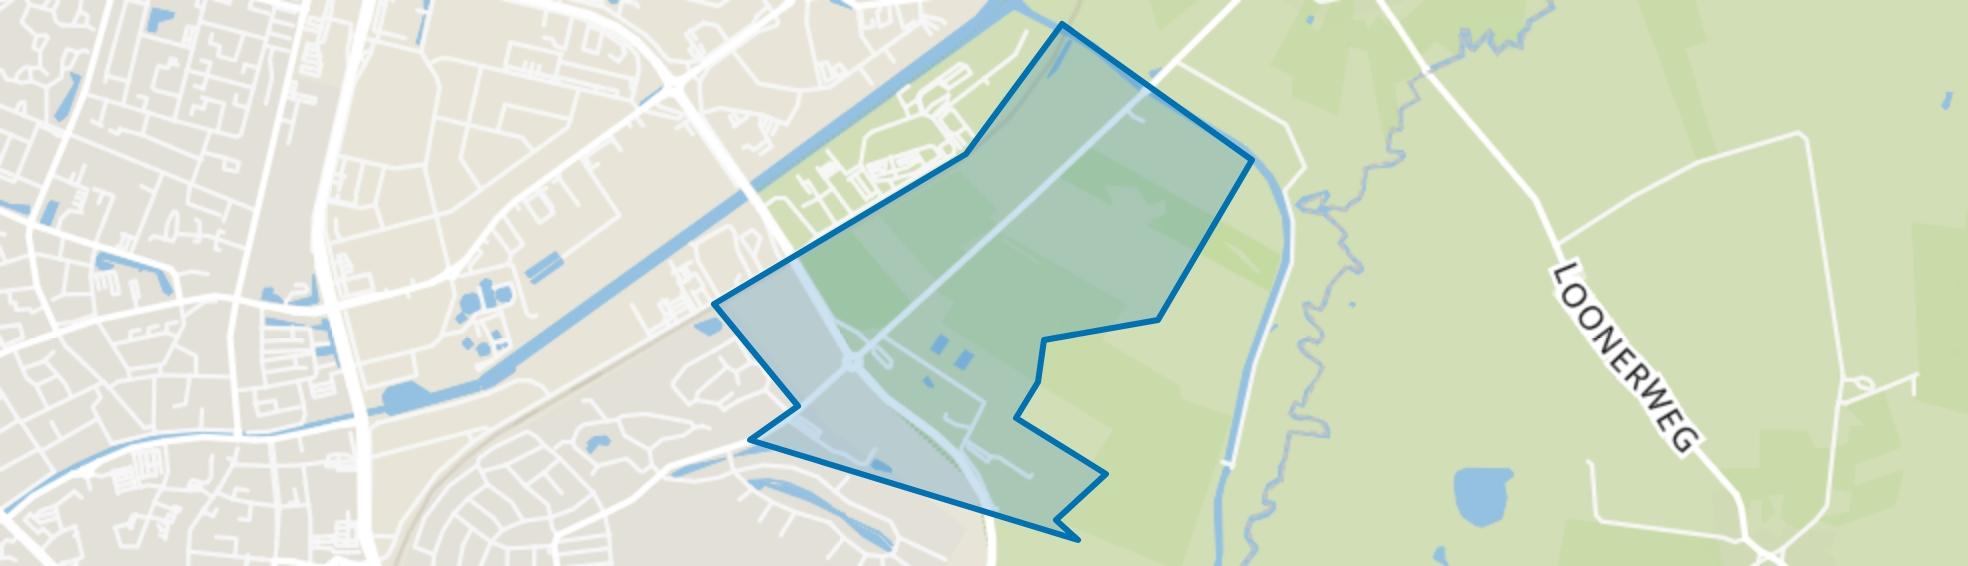 Dijkveld, Assen map